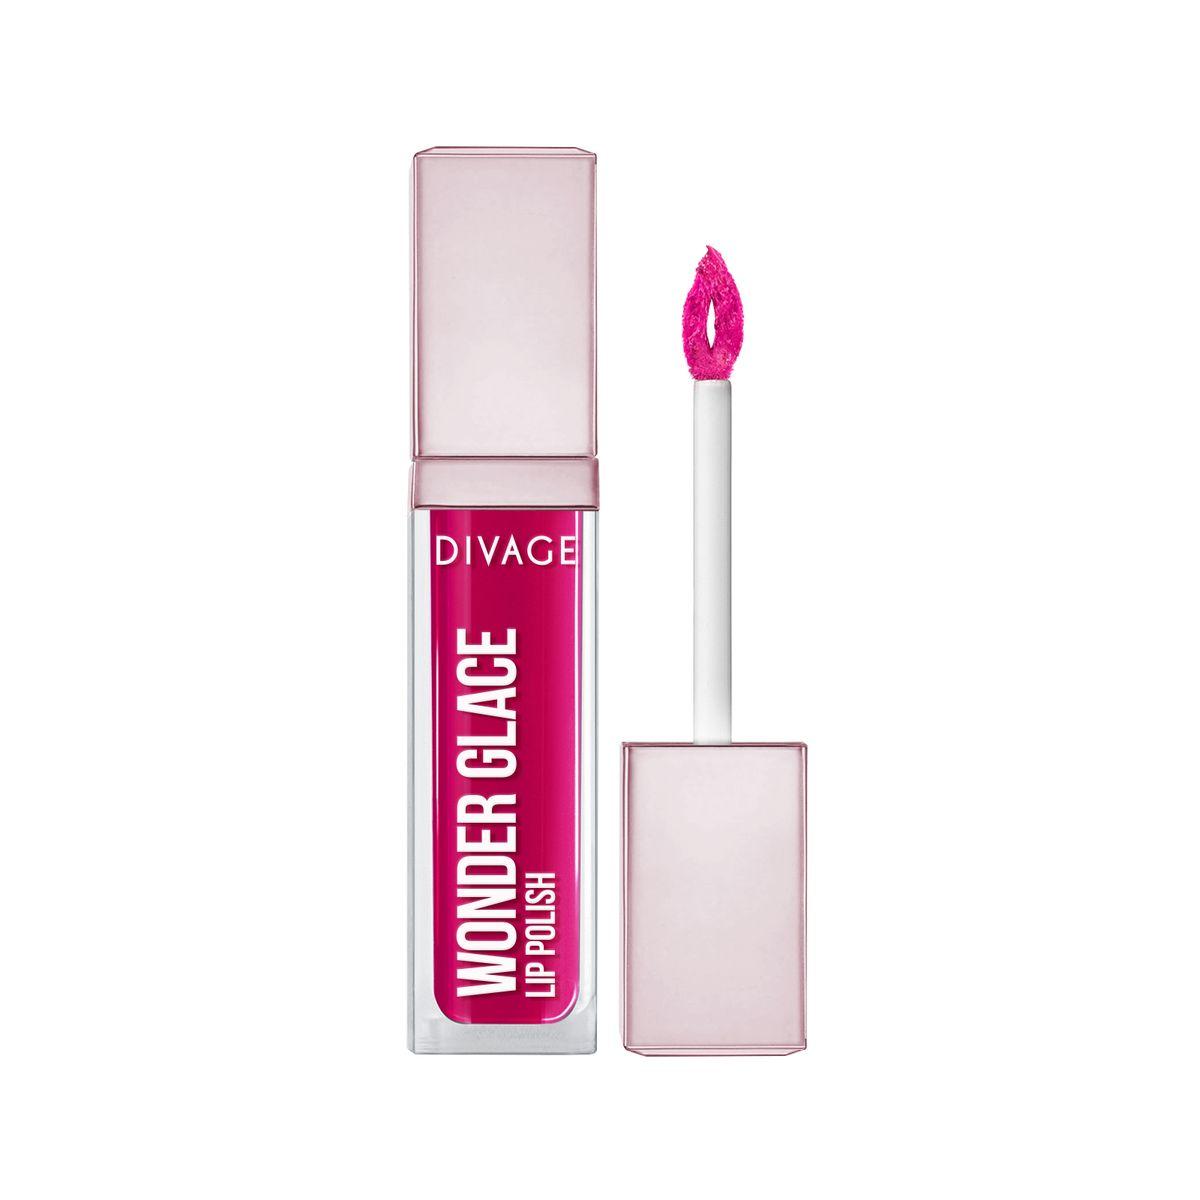 DIVAGE Лак для губ WONDER GLACE, тон № 05, 5 мл5010777139655DIVAGE приготовил для тебя отличный подарок - лак для губ с инновационной формулой, которая придает глубокий и насыщенный цвет.Роскошное глянцевое сияние на твоих губах сделает макияж особенным и неповторимым. 8 самых актуальных оттенков, чтобы ты могла выглядеть ярко и привлекательно в любой ситуации. Особая форма аппликатора позволяет идеально прокрашивать губы и делает нанесение более комфортным. Лак не только смотрится ярко, но и увлажняет и защищает твои губы. Будь самой неповторимой этой весной и восхищай всех роскошным блеском и невероятно насыщенным цветом с лаком для губ «WONDER GLACE» от DIVAGE!